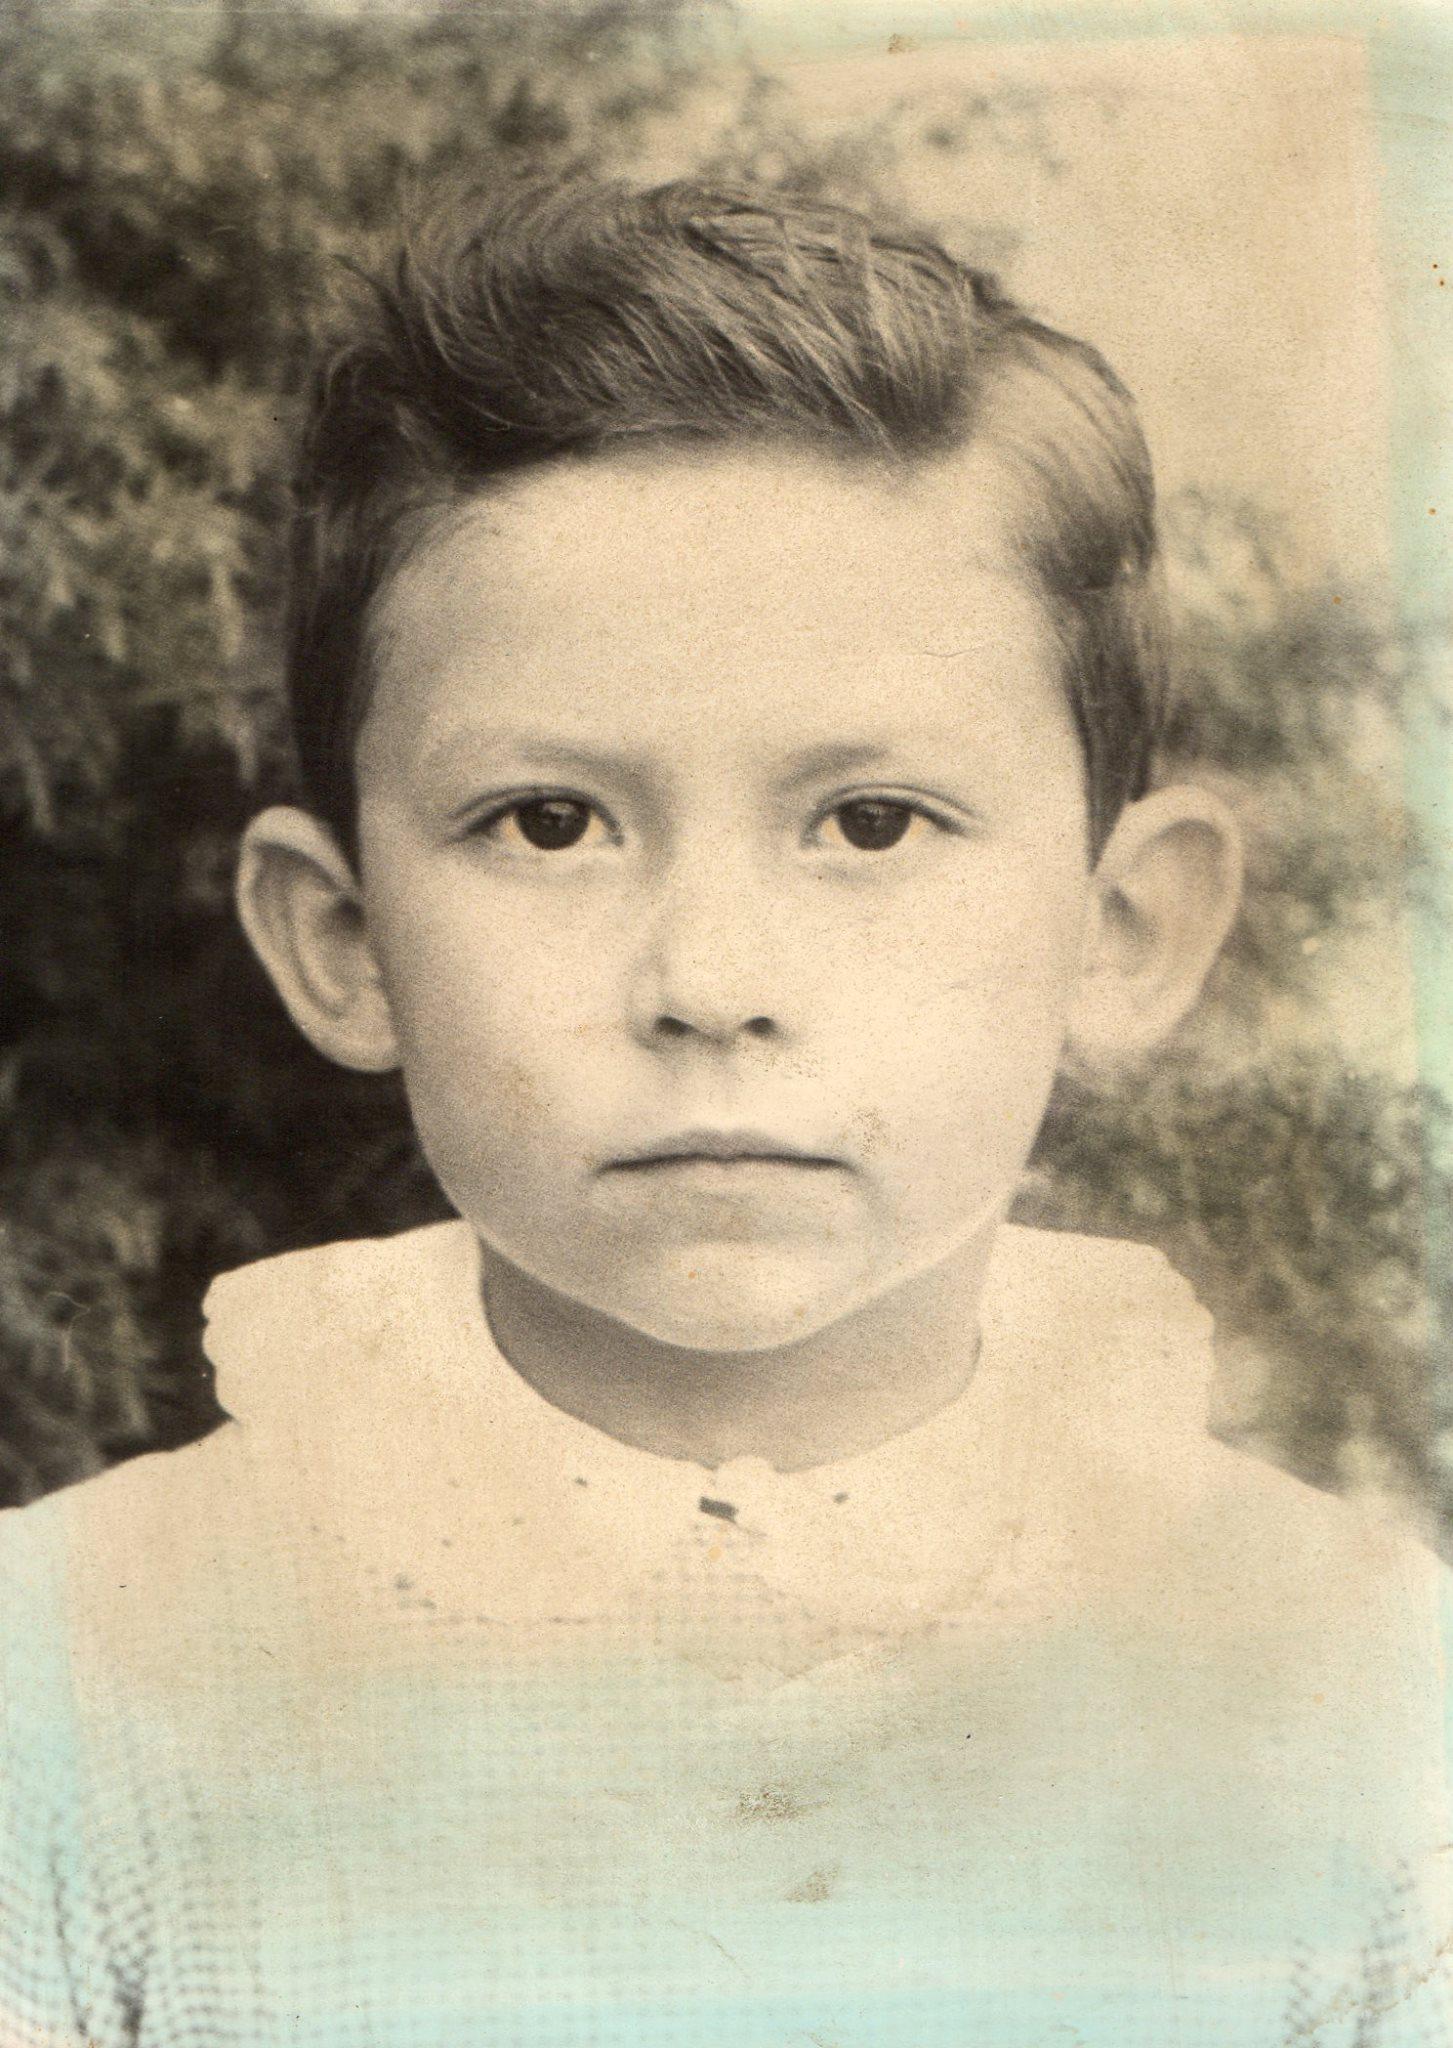 Ernesto Scuri